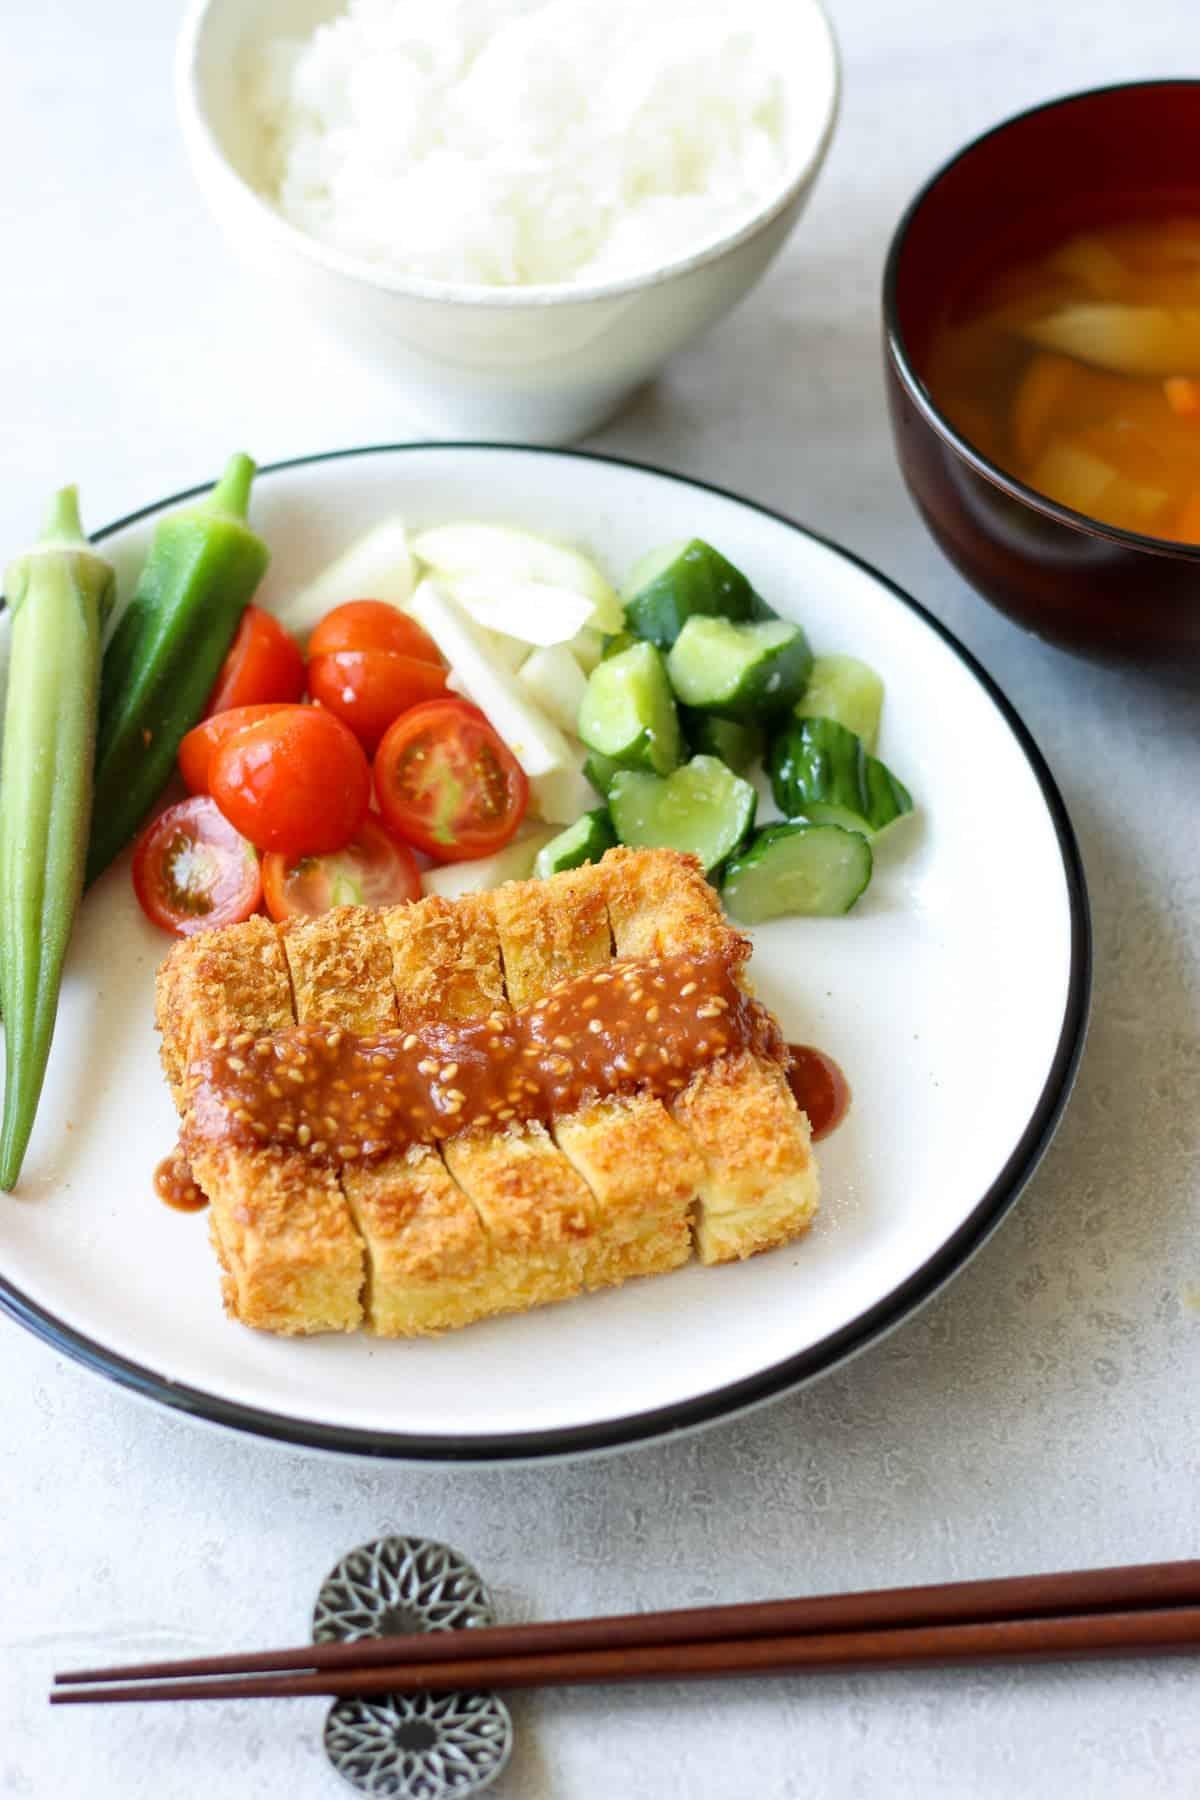 Koyadofu Katsu(Japanese tonkatsu style dish)